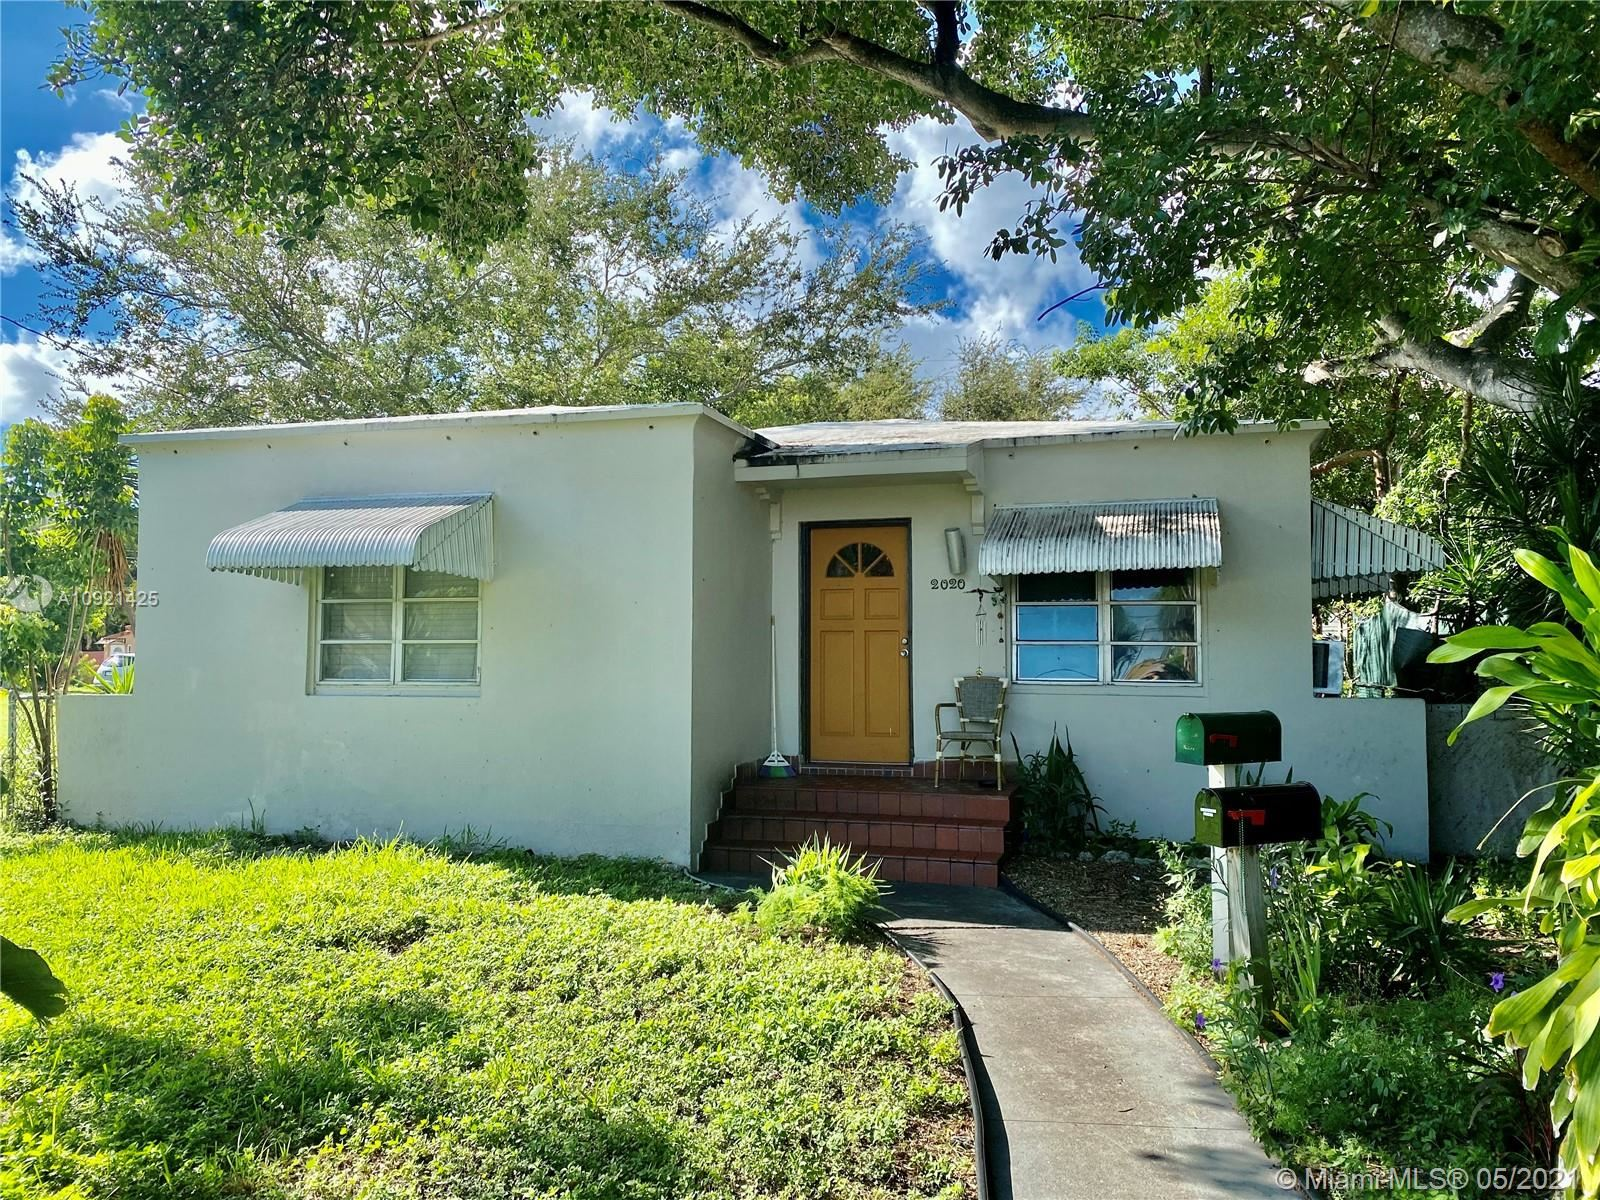 2020 Van Buren St, Hollywood, FL 33020 - #: A10921425